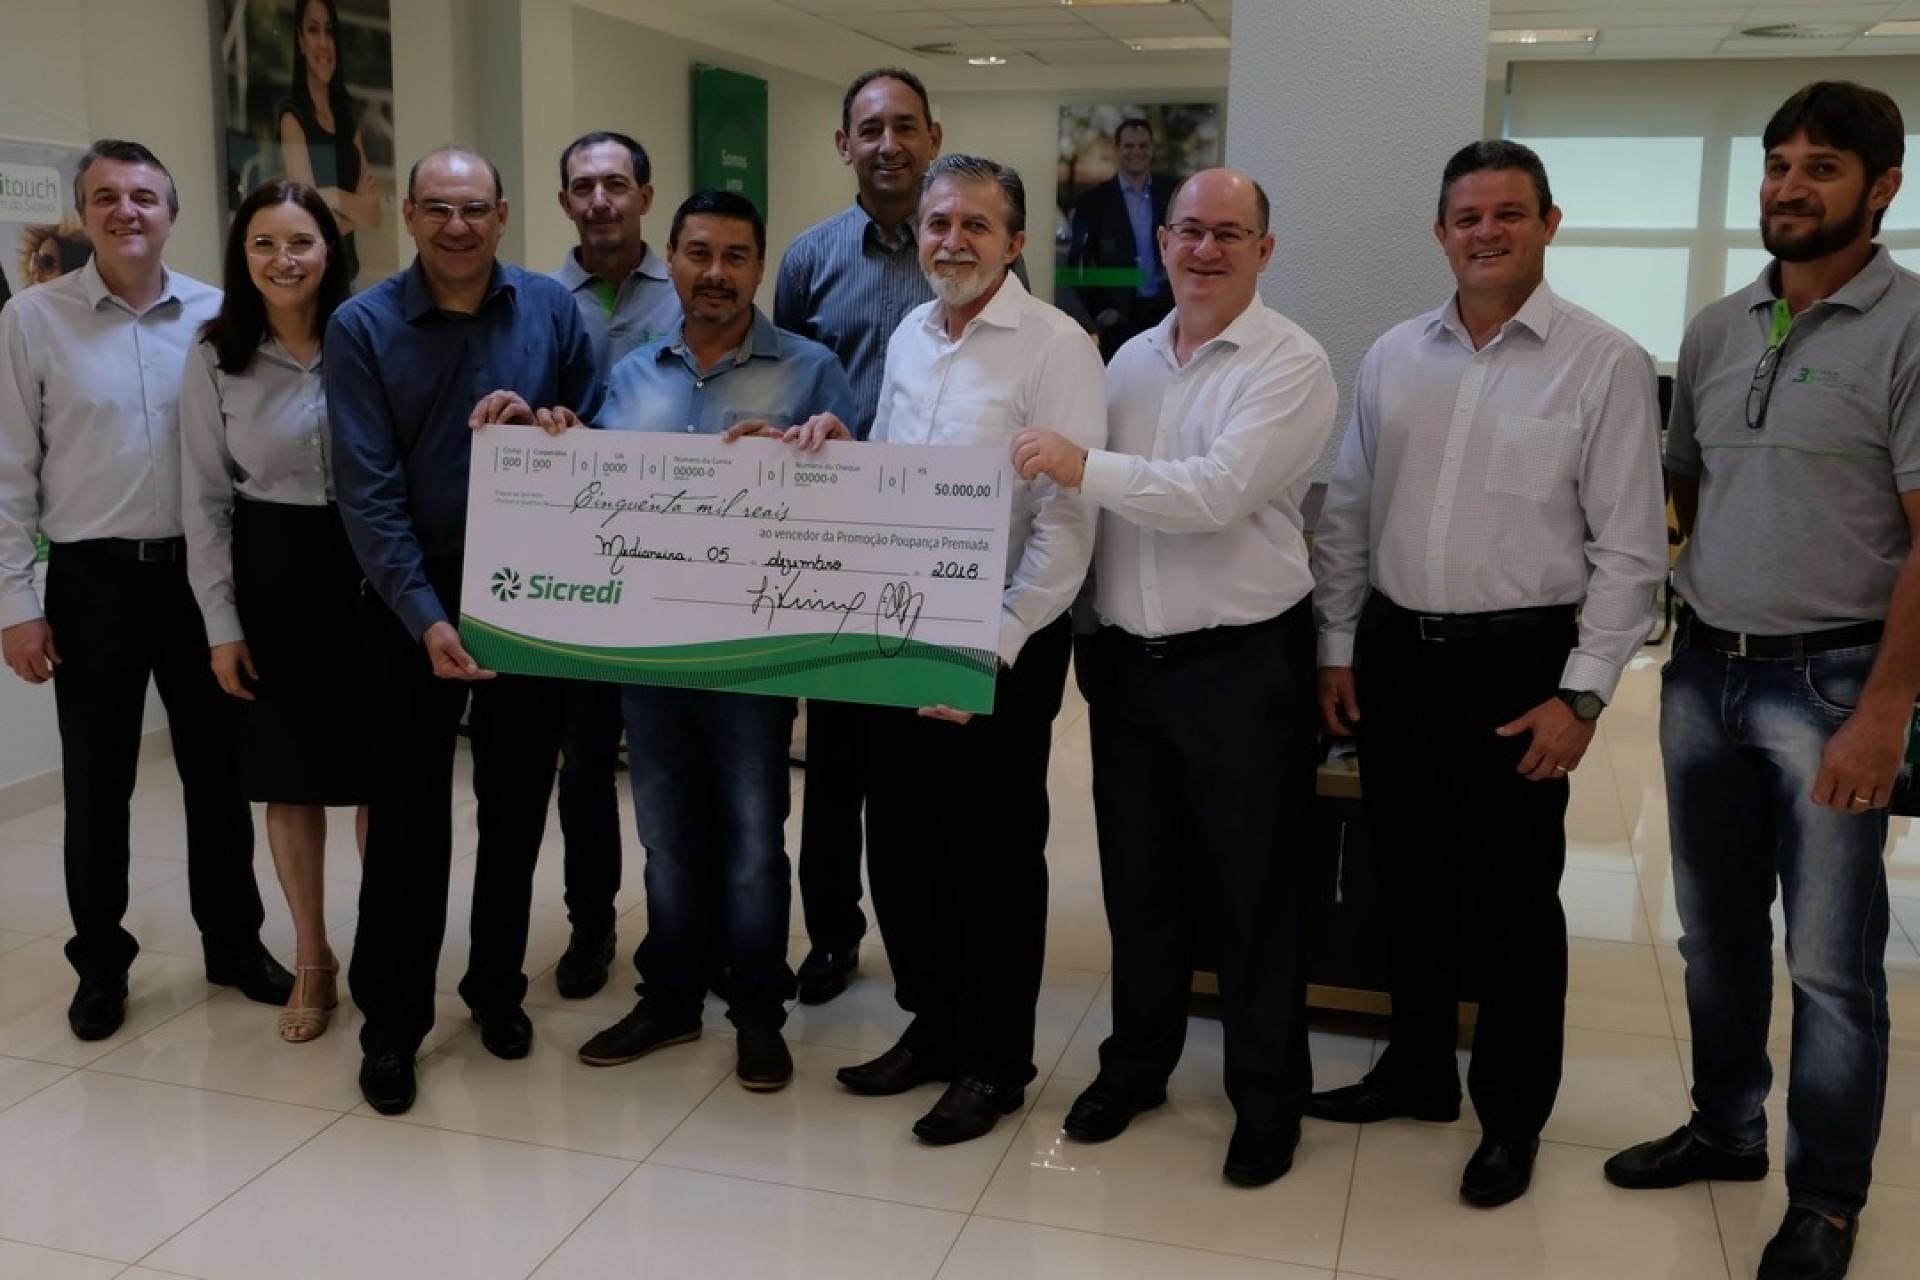 Associado do Sicredi em Medianeira ganha prêmio de R$ 50 mil na Poupança Premiada